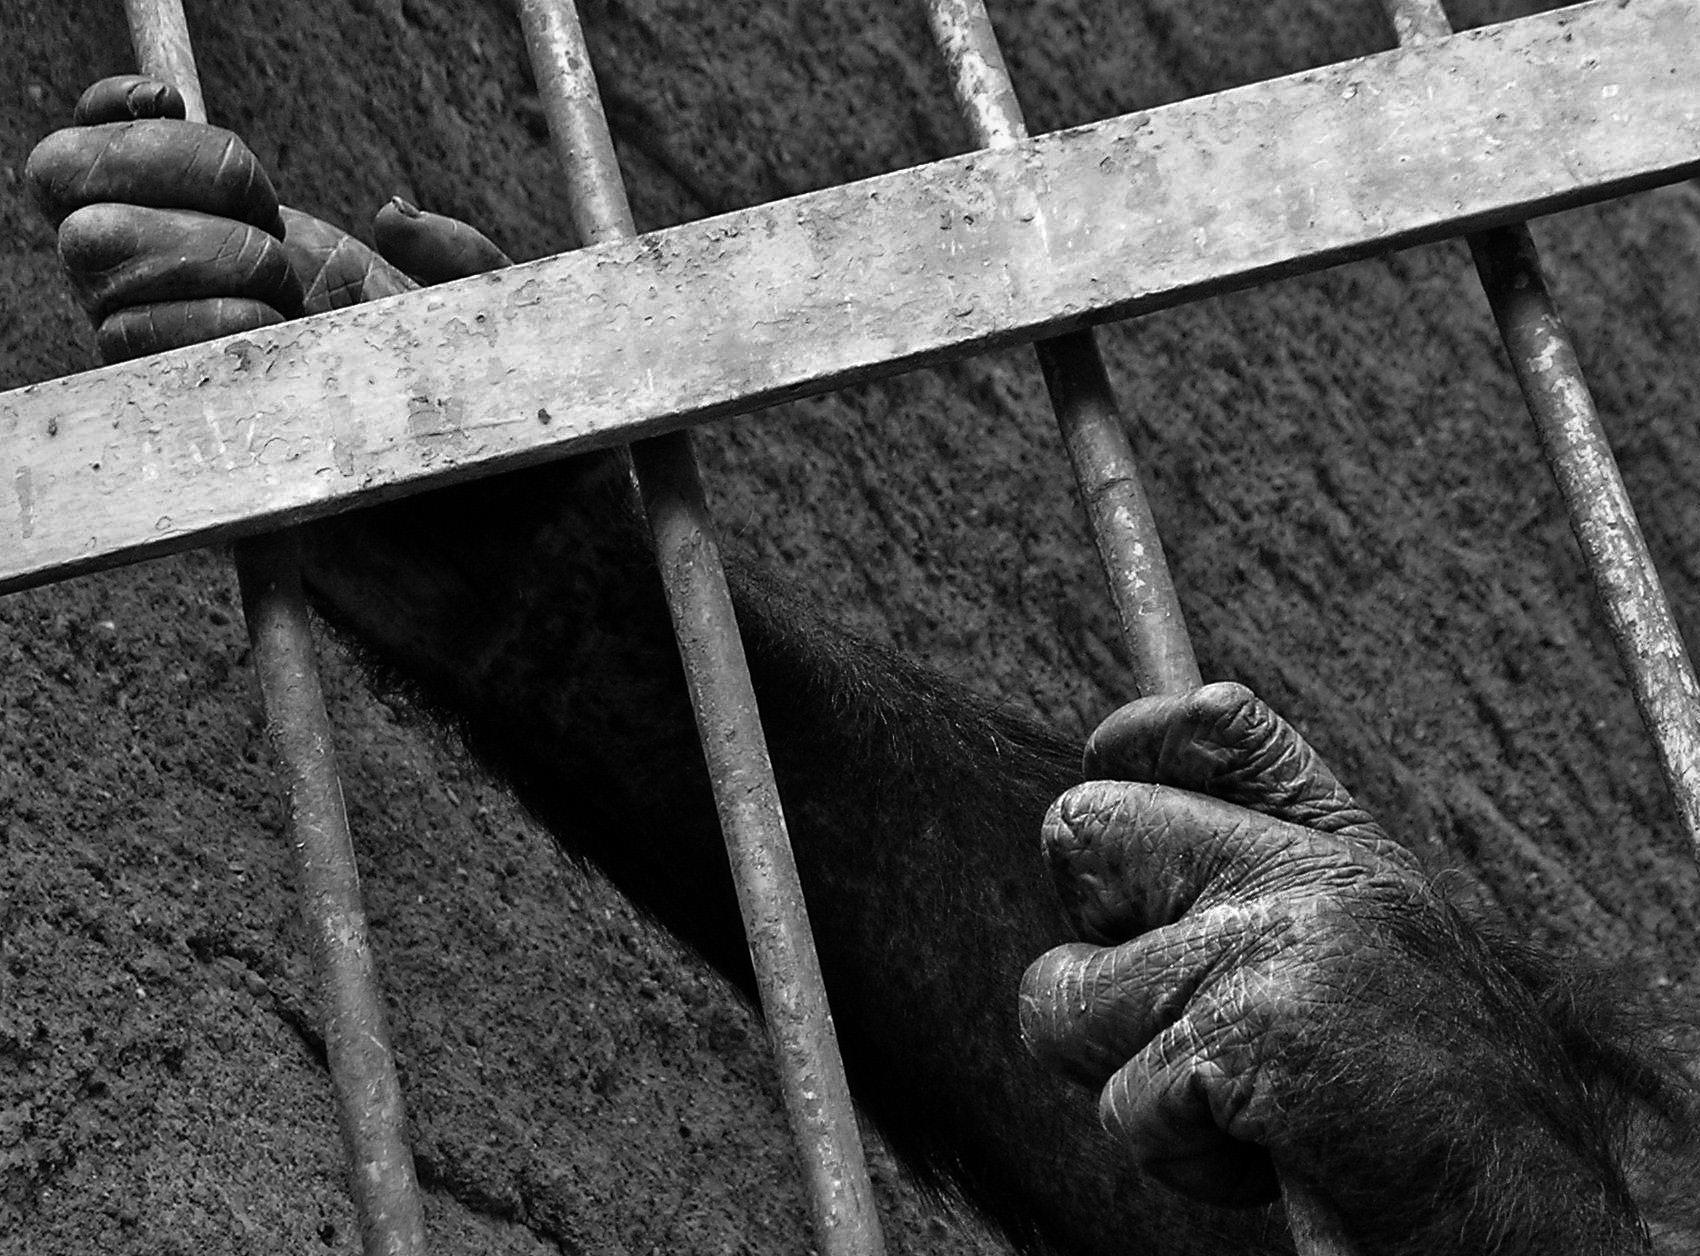 Caged Chimp. Mendoza, Argentina, 2008